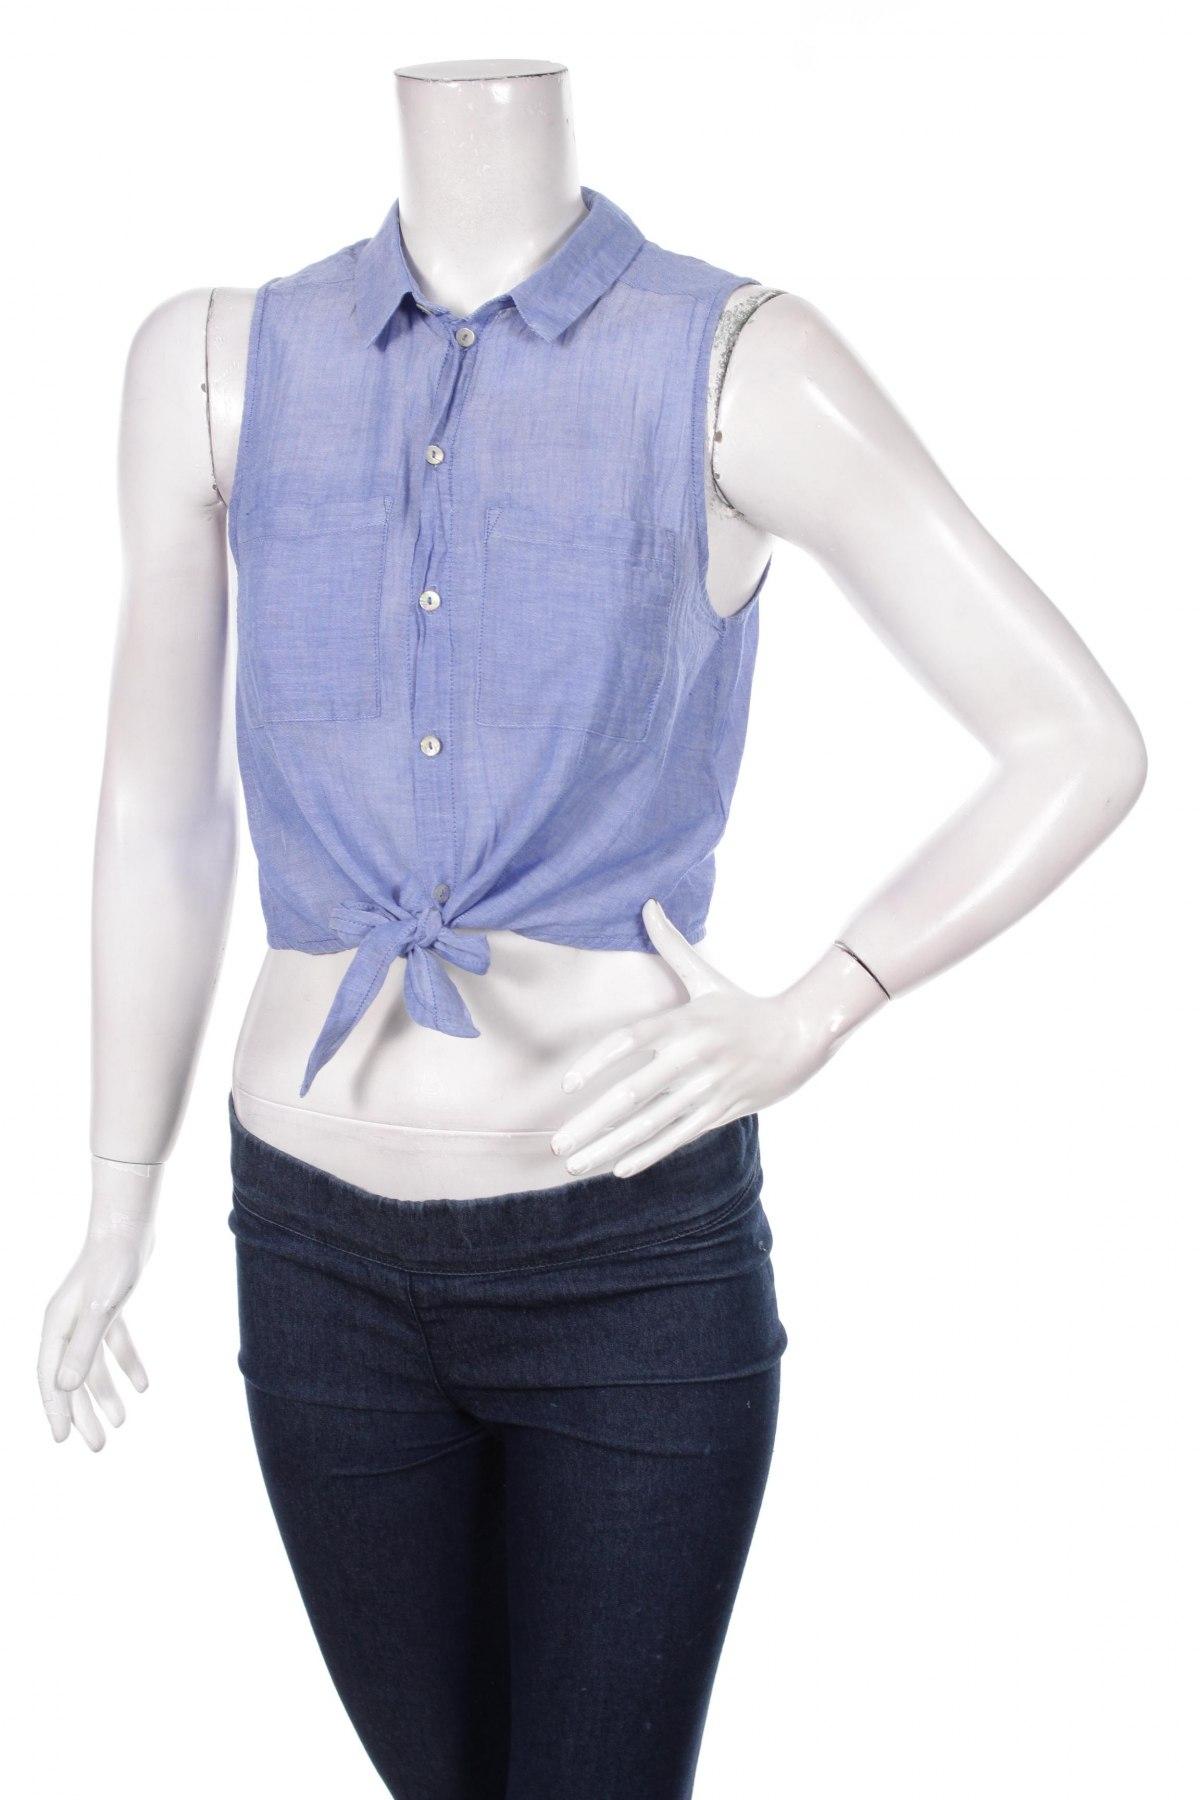 Γυναικείο πουκάμισο H&M Divided, Μέγεθος M, Χρώμα Μπλέ, Βαμβάκι, Τιμή 11,75€